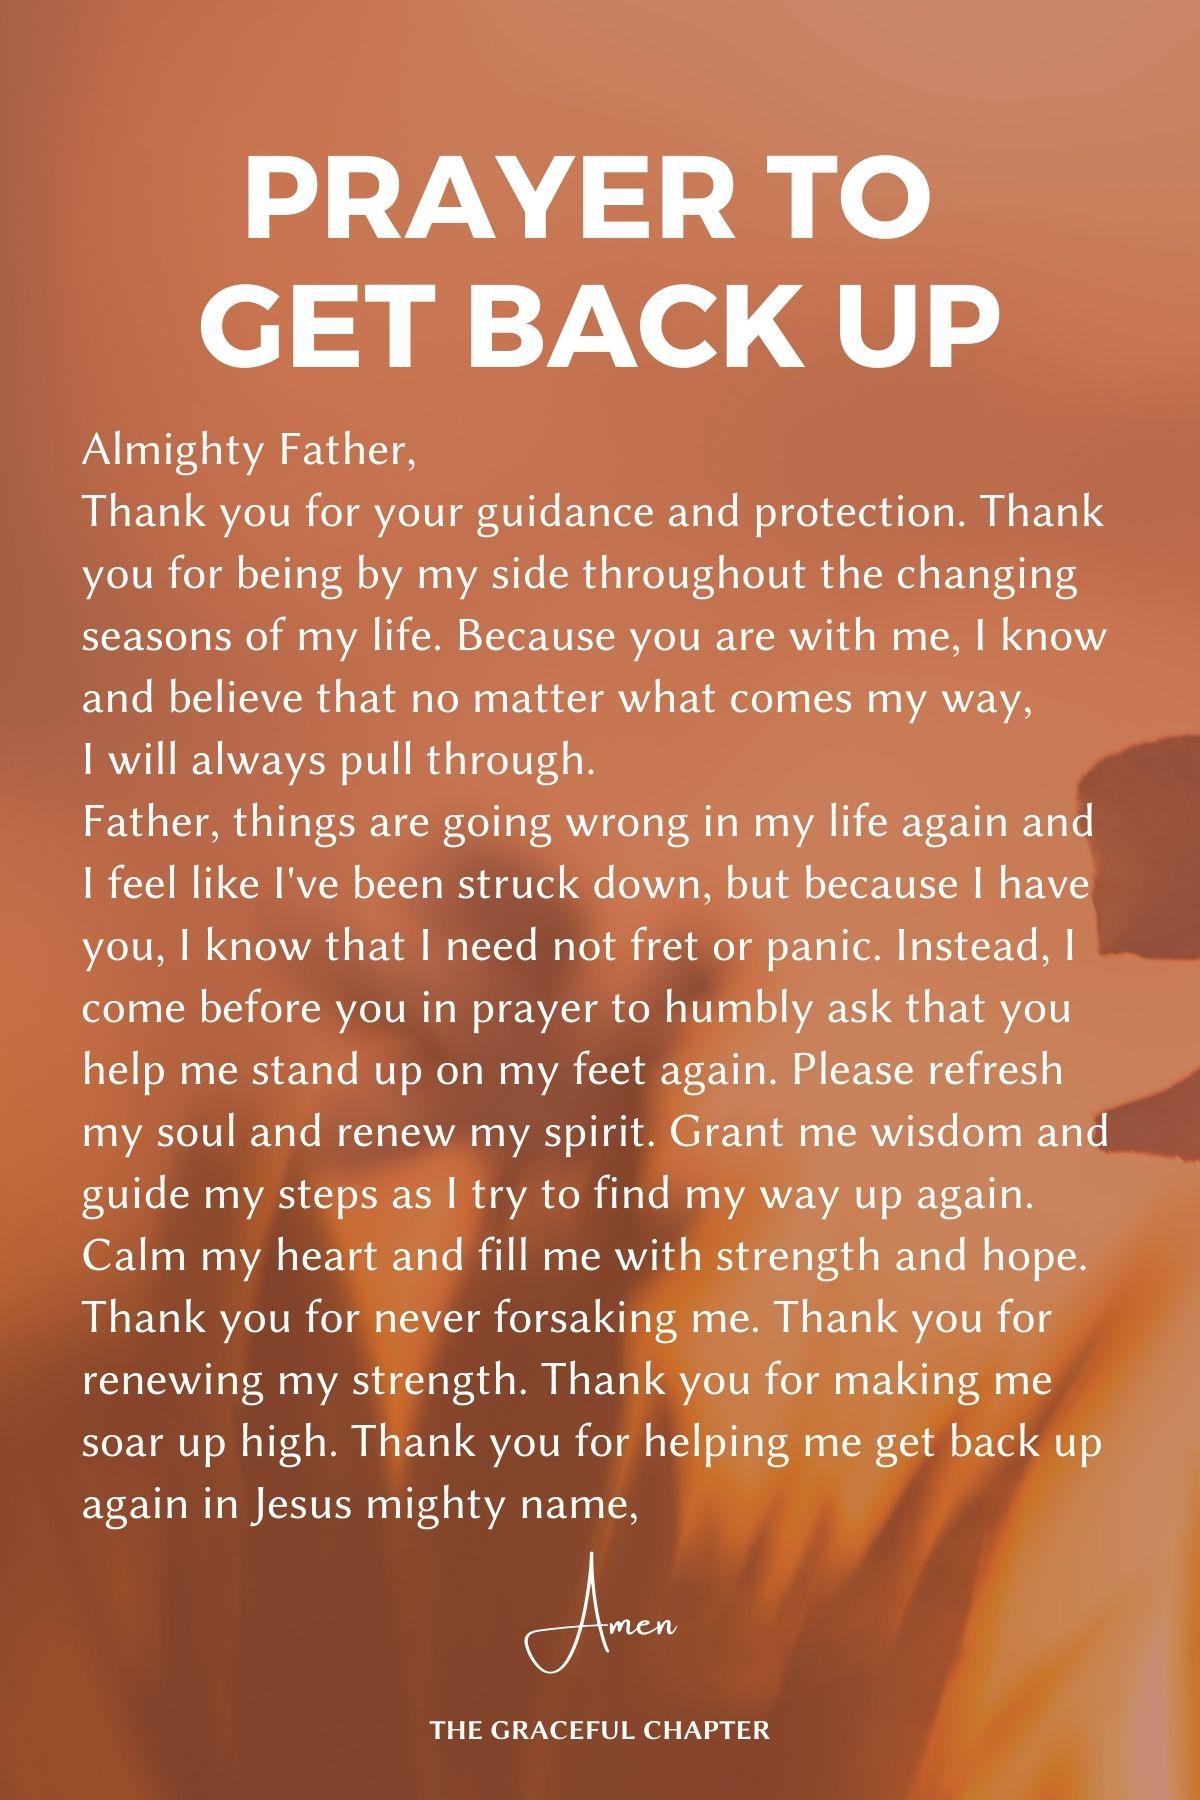 Prayer to get back up